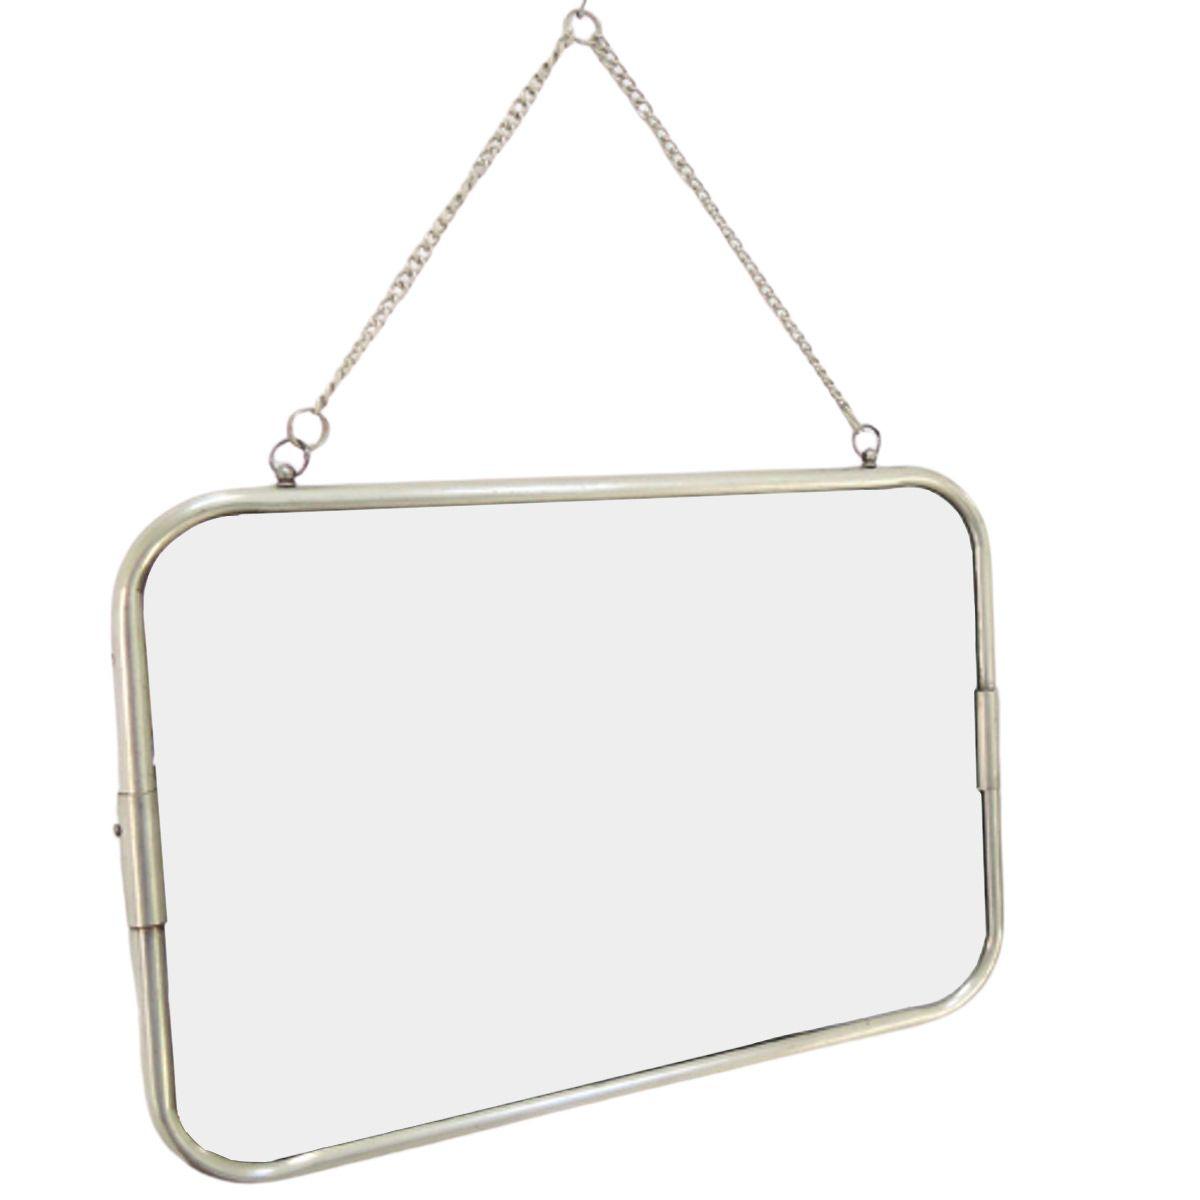 CHAUMONT - Miroir de barbier argent 29x39